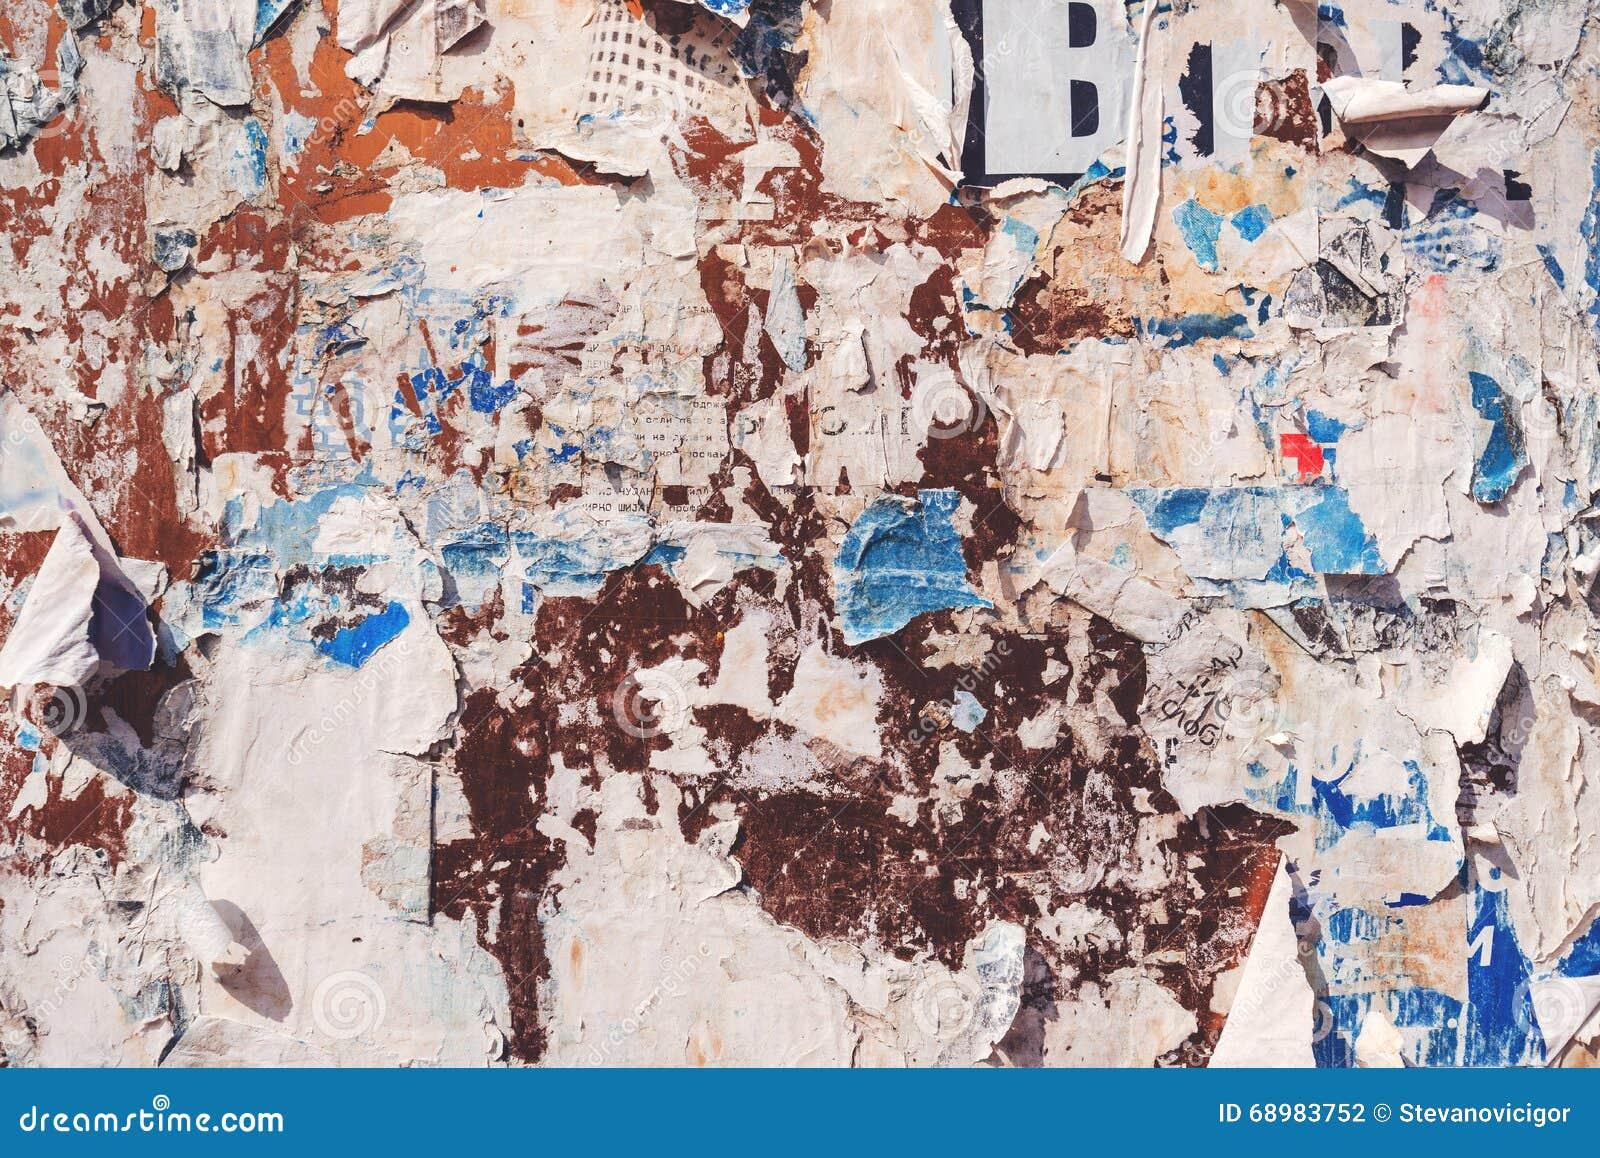 Textura de los pedazos de papel de cartel